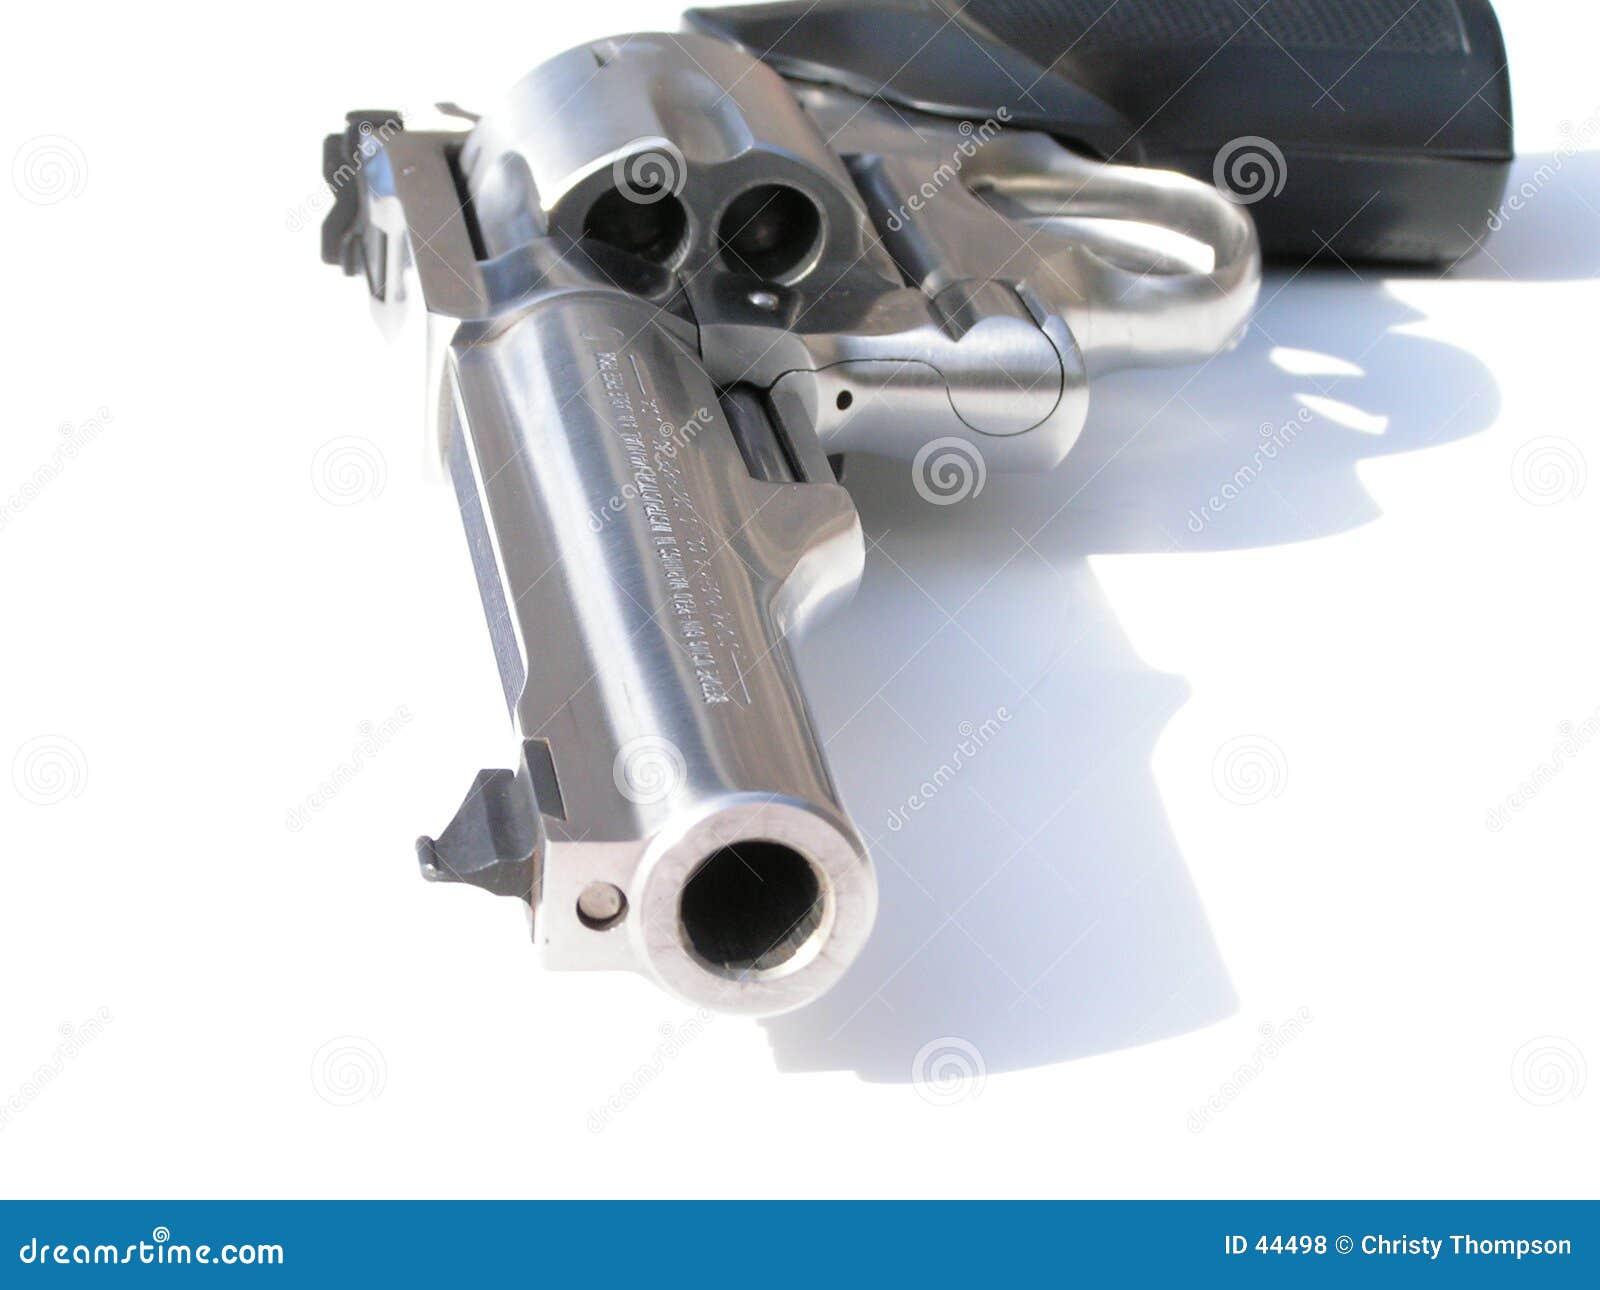 Download Asesino blooded frío foto de archivo. Imagen de arma, cubiertas - 44498